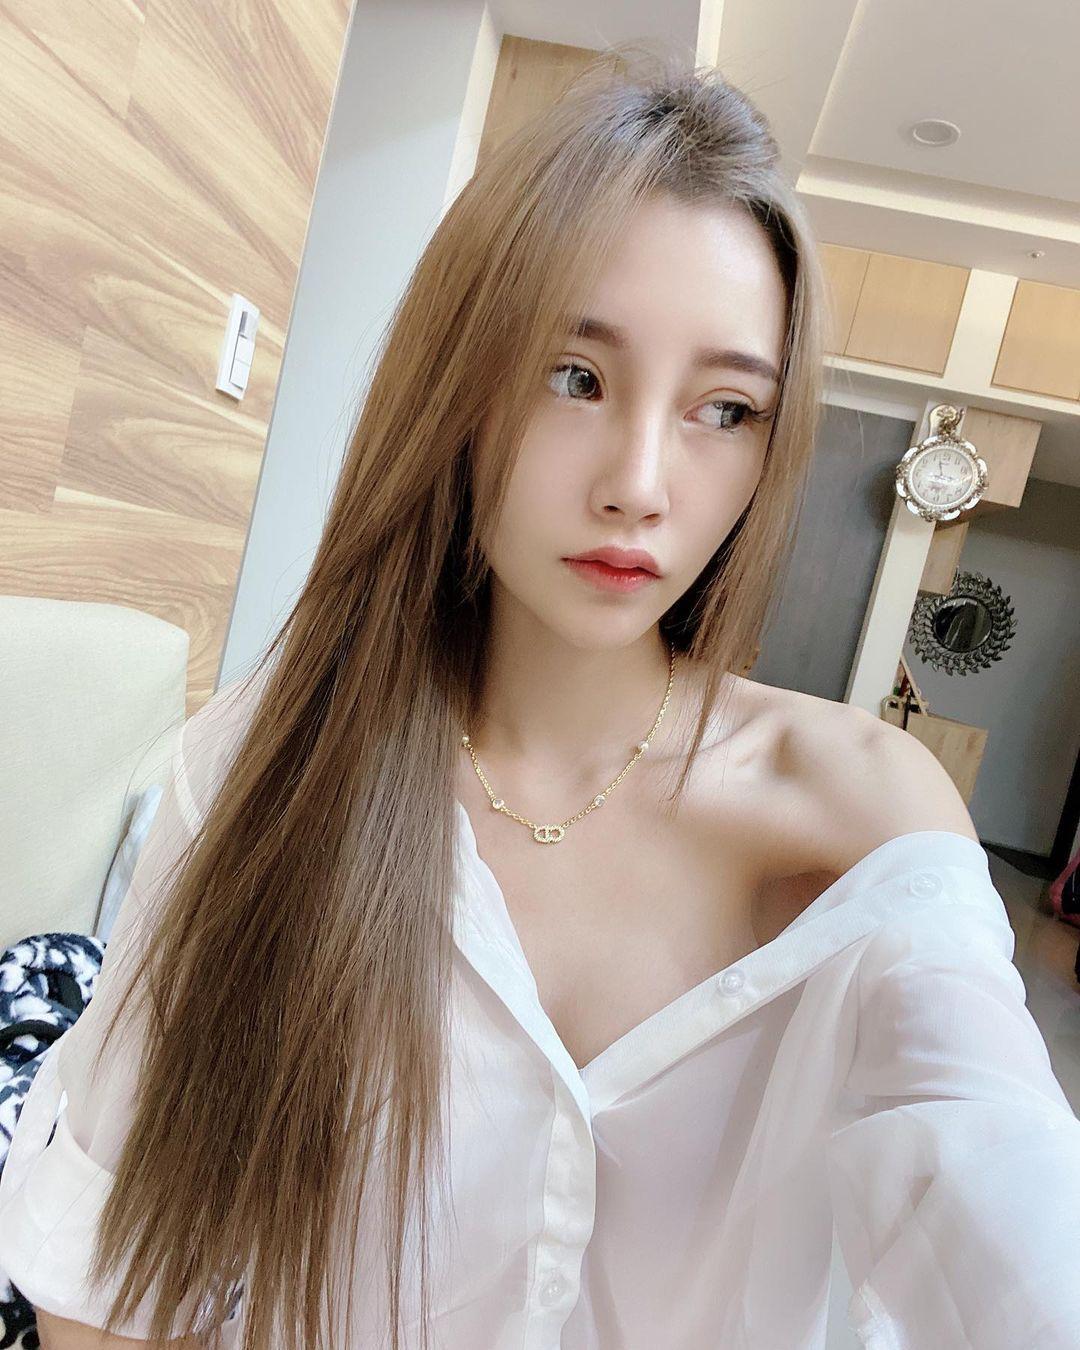 性感美容师陈薇纯白衬衫没扣好白嫩雪若隐若现 宅猫猫 热图3